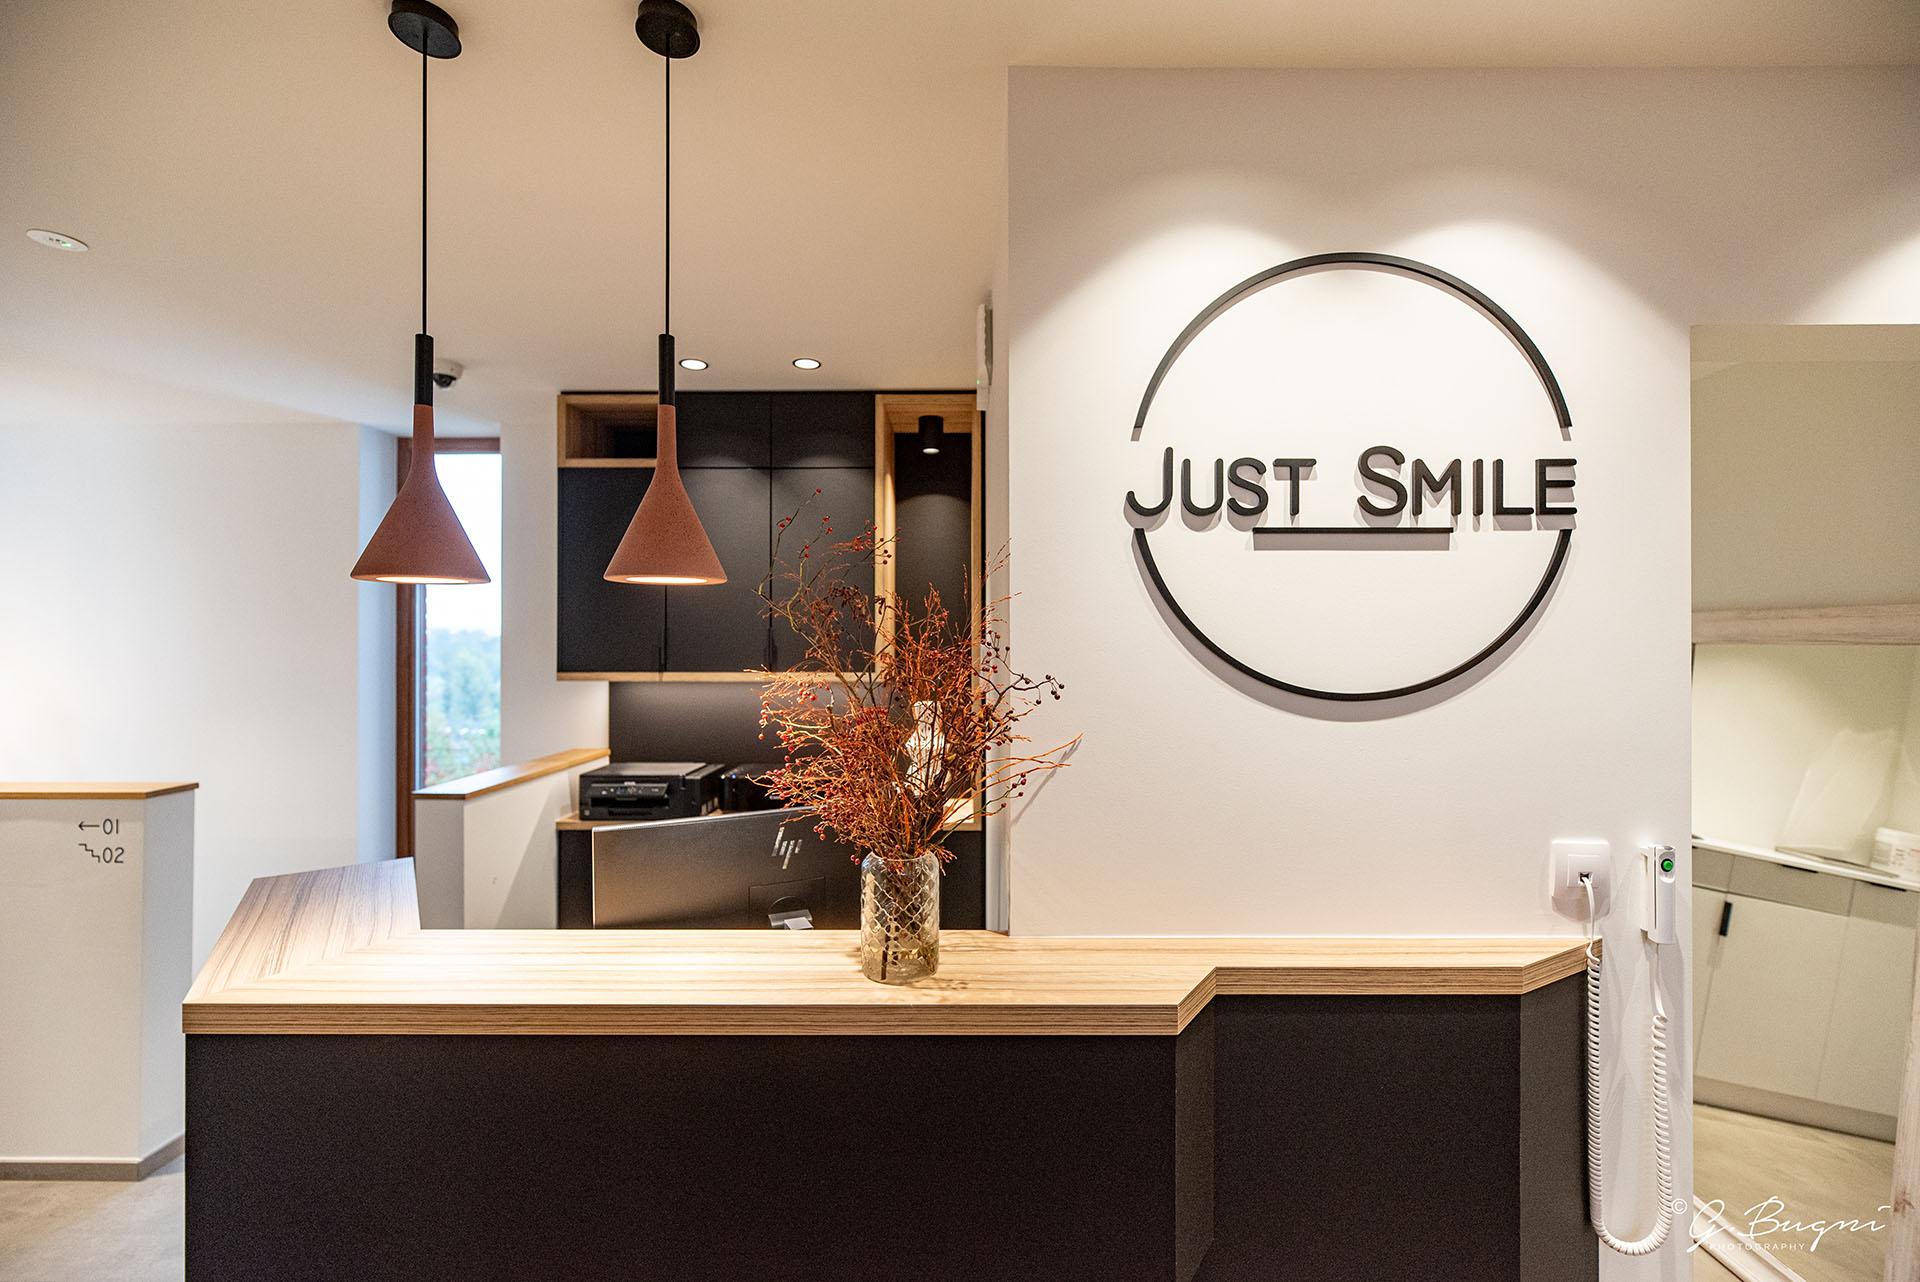 Venez découvrir nos nouveaux cabinets dentaires